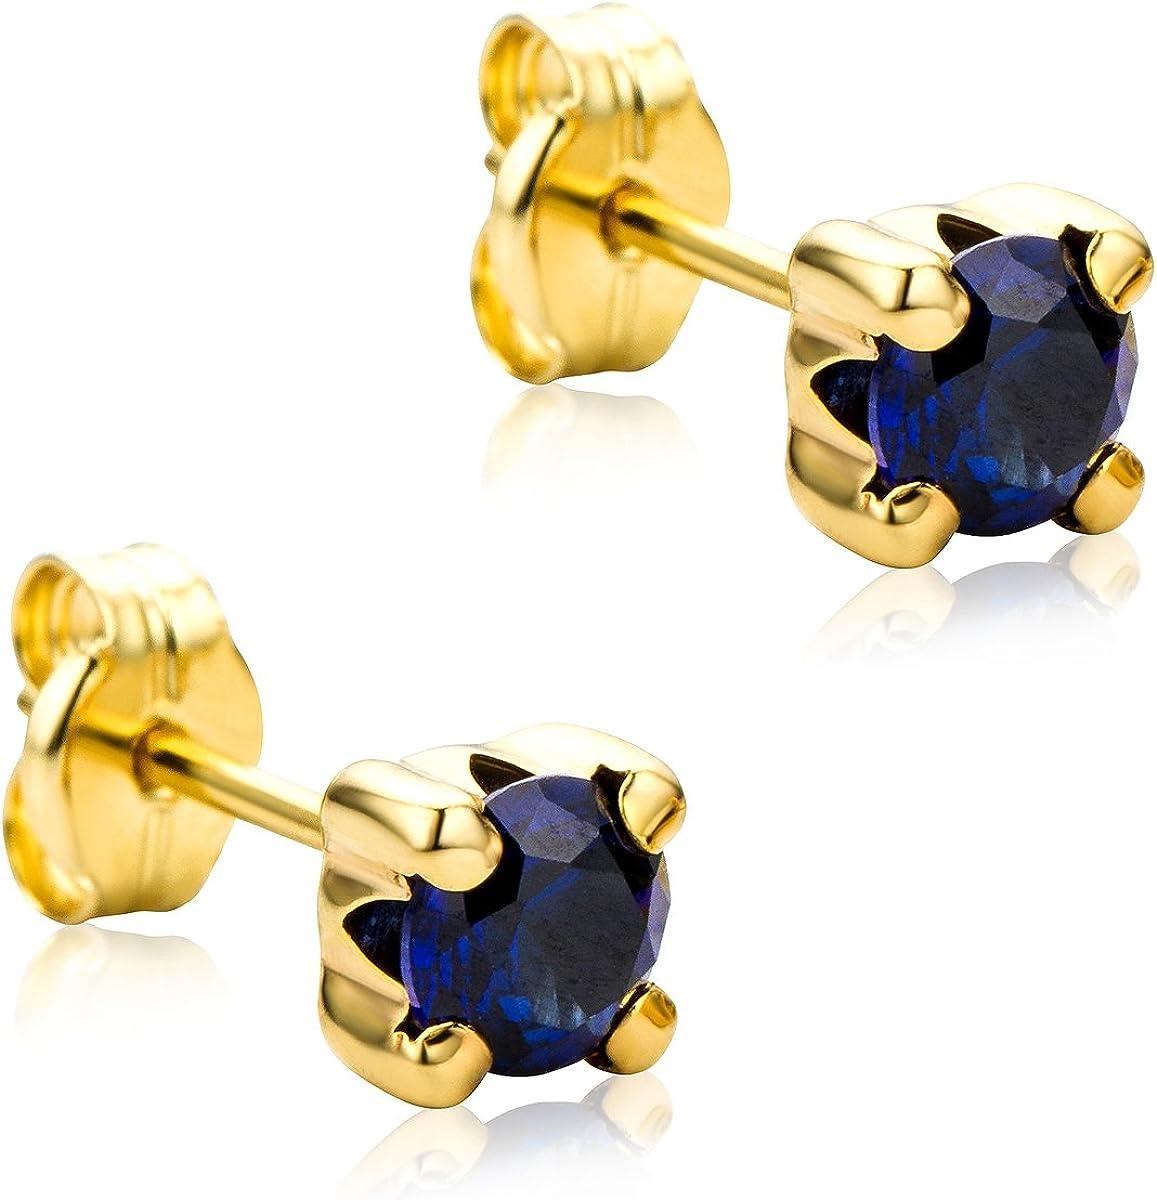 Orovi Pendientes Señora Solitario presión en Oro Amarillo y Zafiro azul Oro 9 Kt / 375